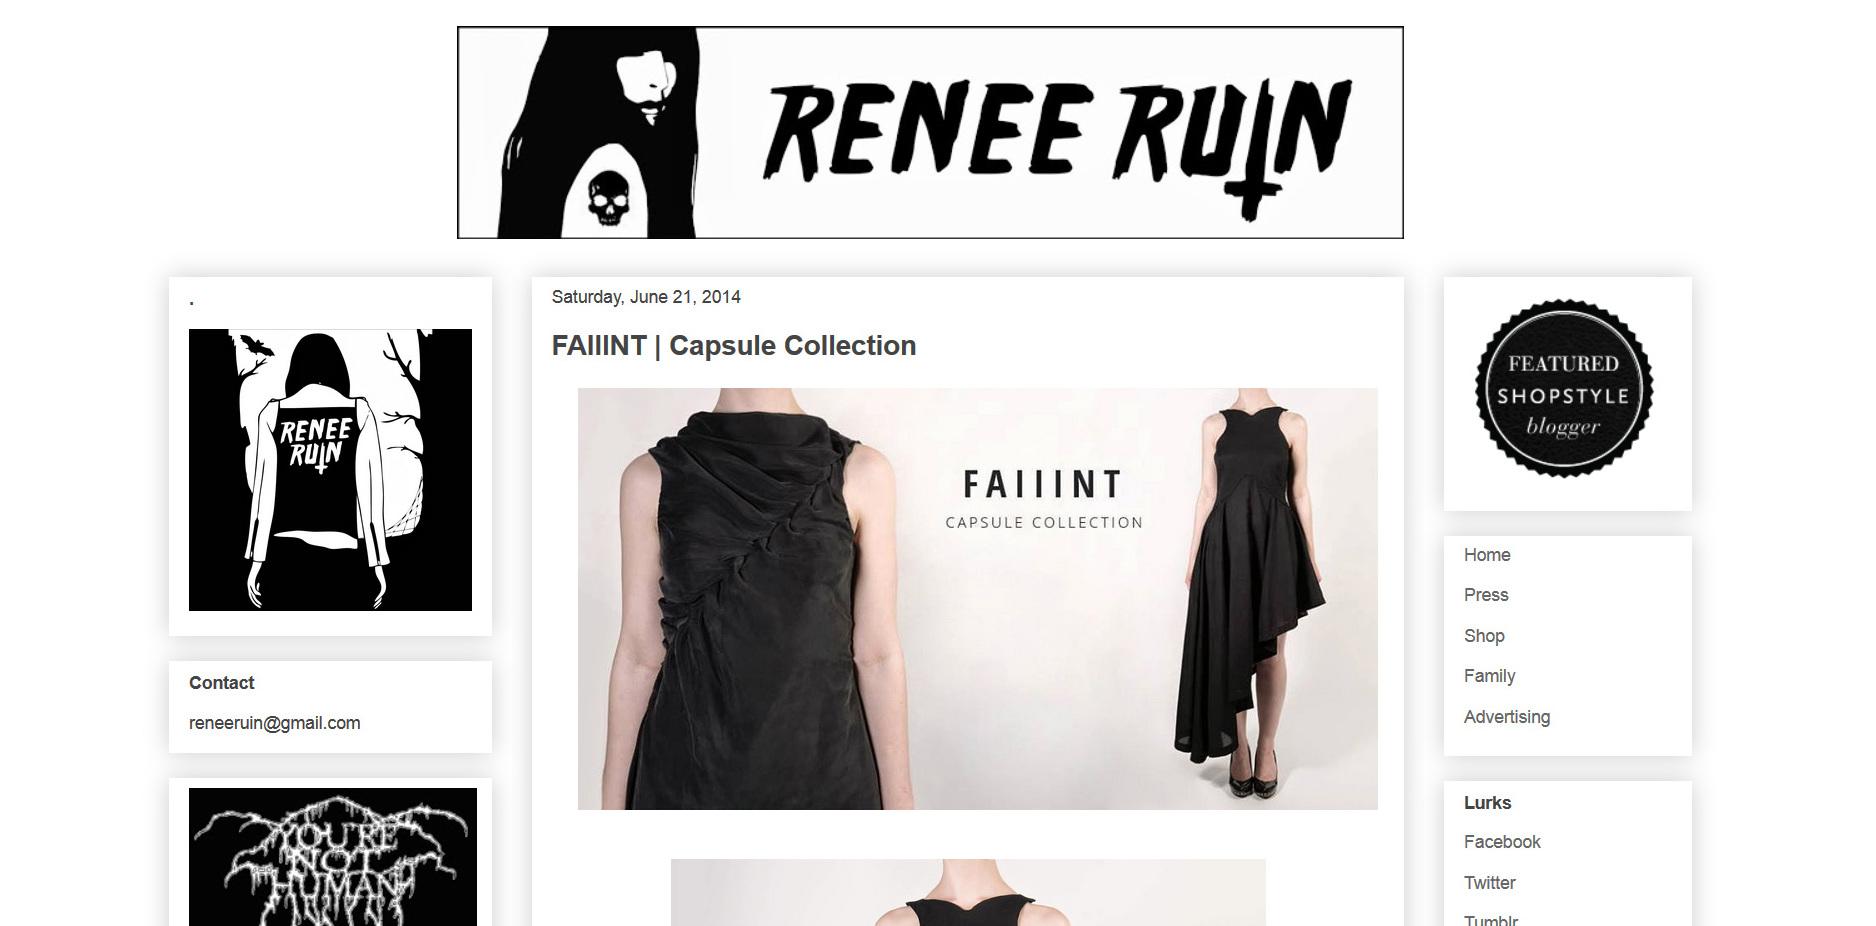 FAIIINT Capsule Collection featured on Renee Ruin